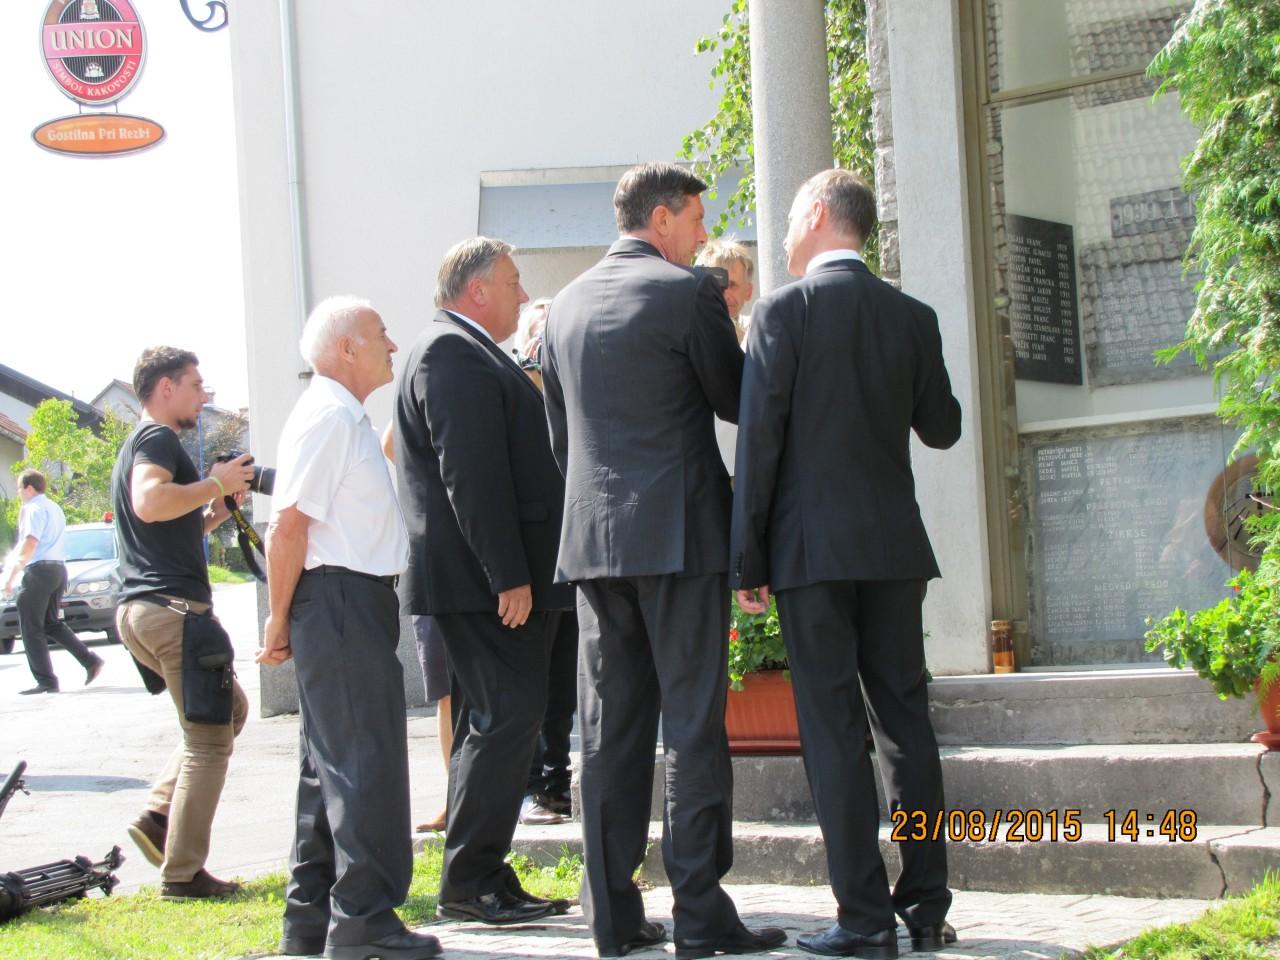 Rovte ob evropskem dnevu totalitarnih in avtoritarnih režimov 23. avgust 2015, Jože Leskovec razloži zgodovino in pomen Spravne Kapele